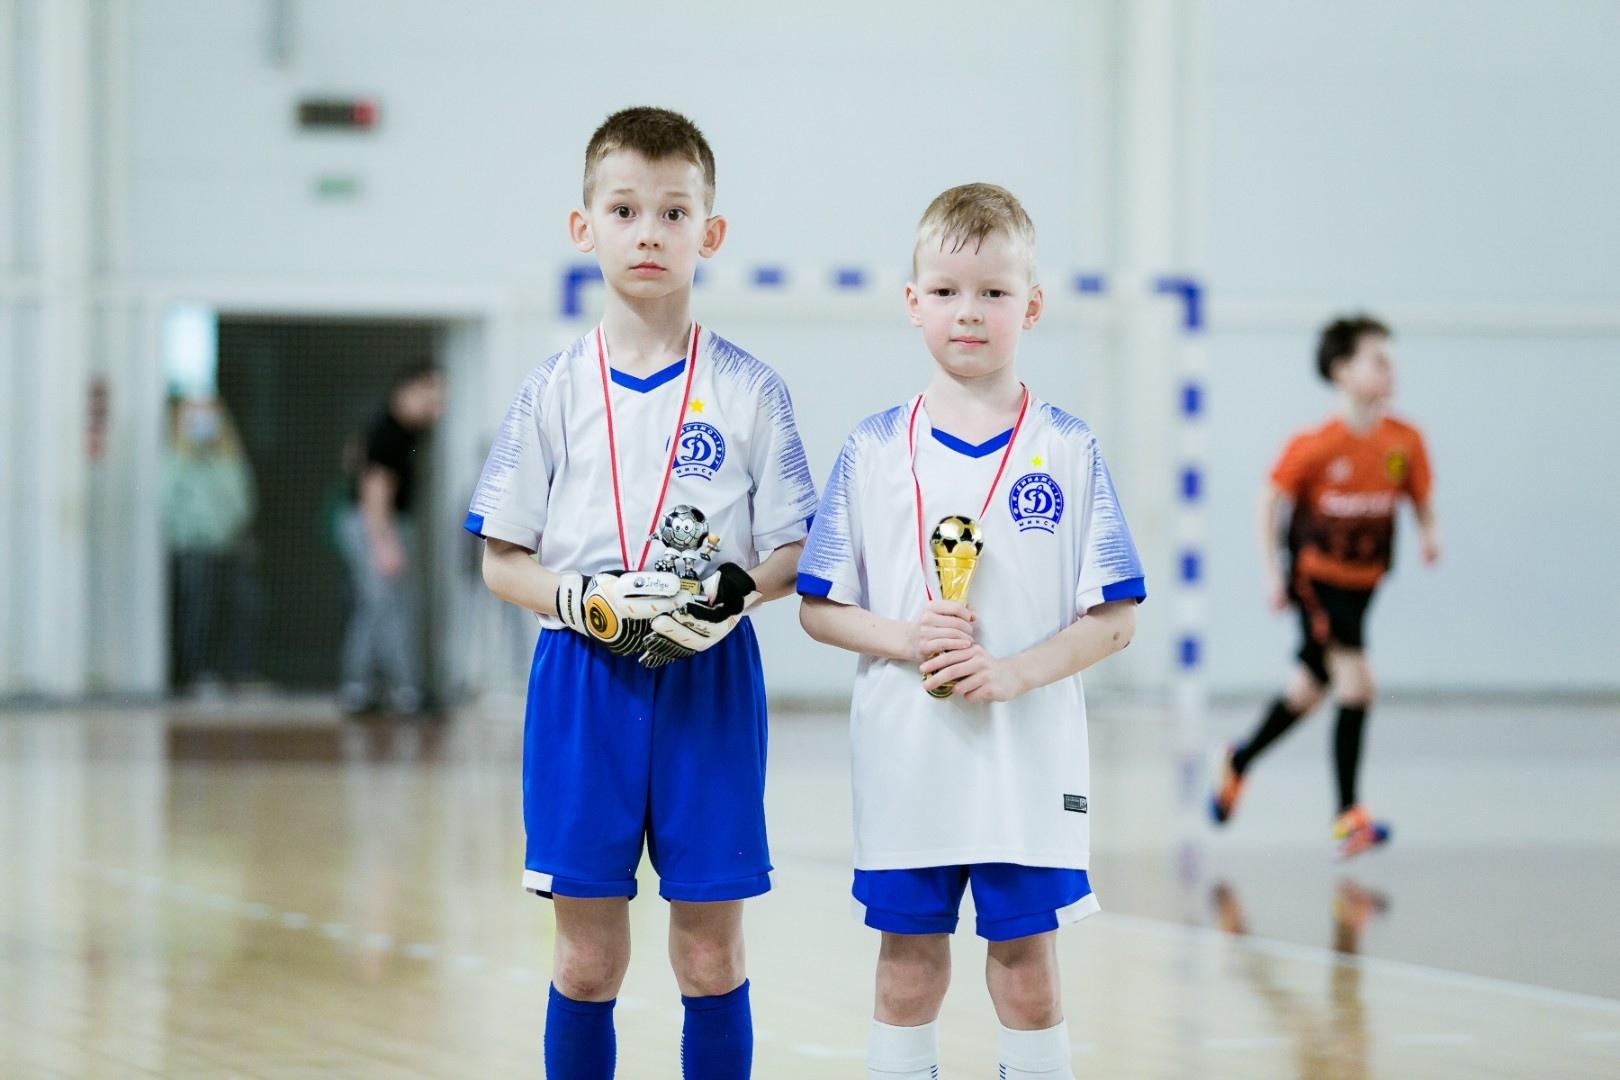 Белецкий Дмитрий (слева) — Лучший вратарь Кубка Ппемьерлиги ЮНИ 2014